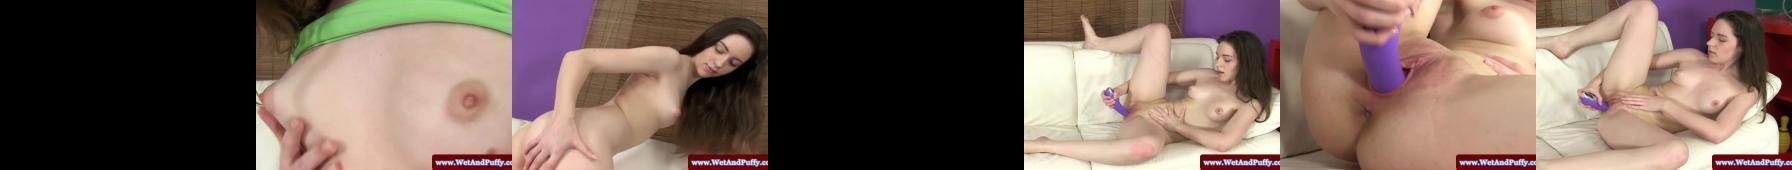 pupa przed kamerą zaprasza do ruchania